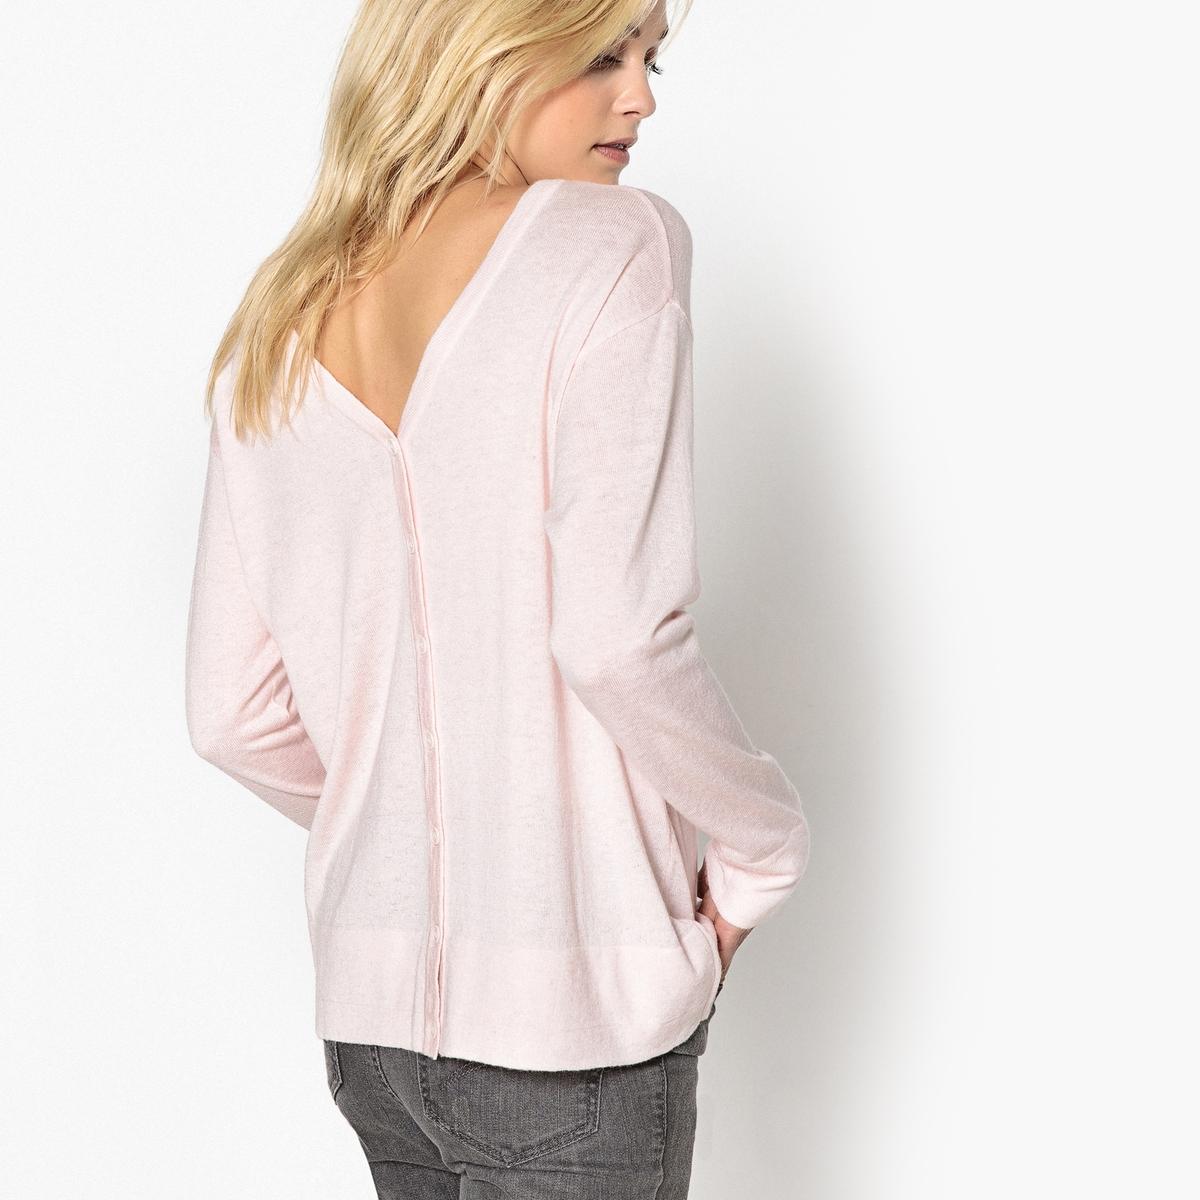 Пуловер шерстяной с застежкой на пуговицы сзади